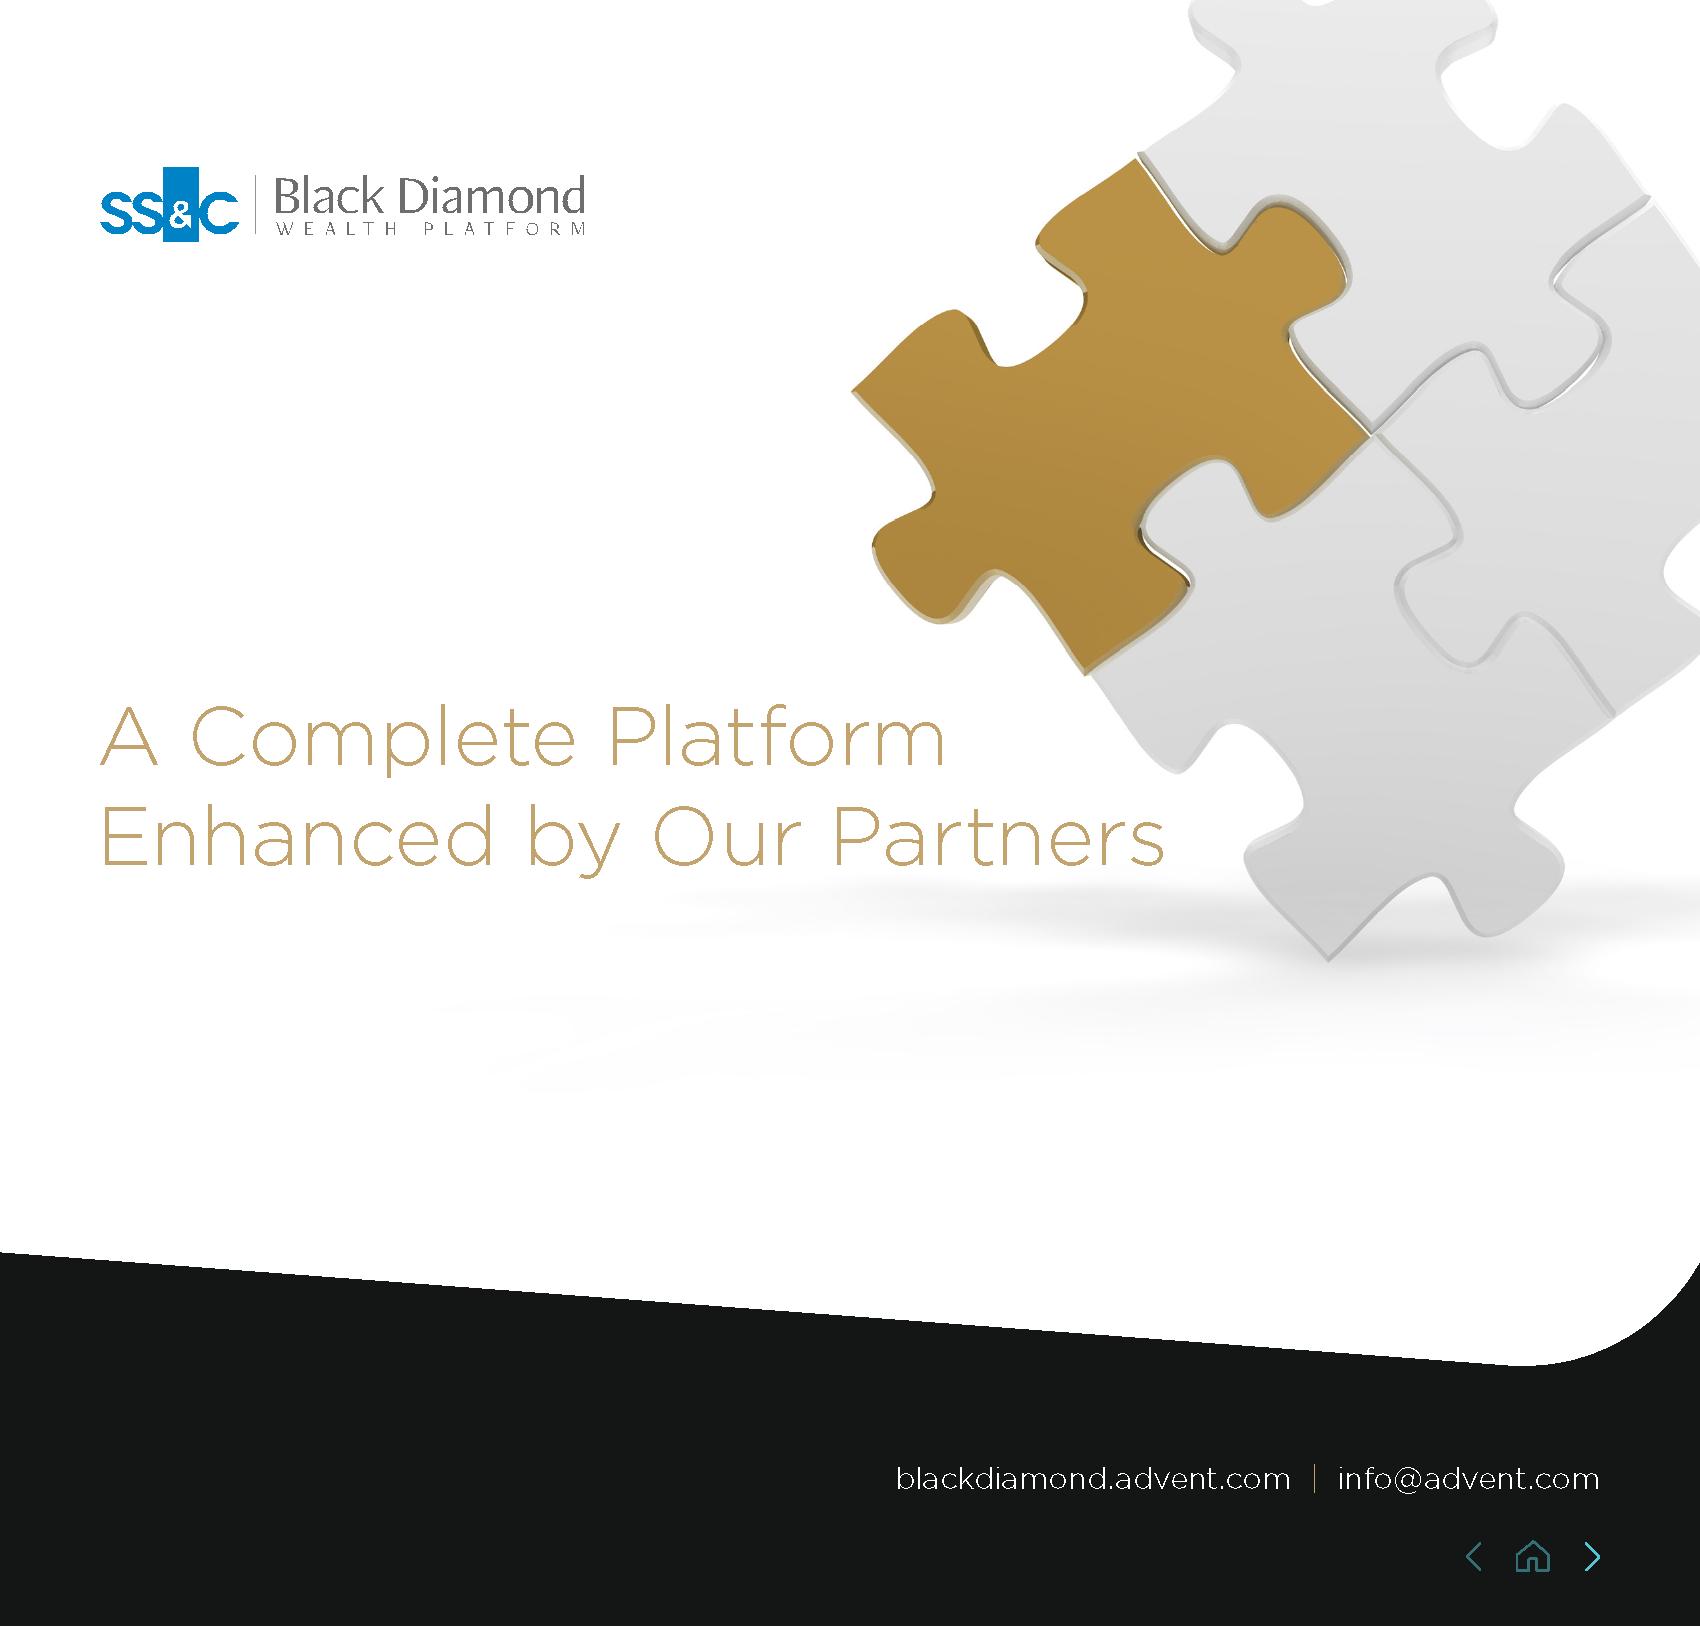 poster image for <p>Black Diamond Wealth Platform - Platform Partner</p>